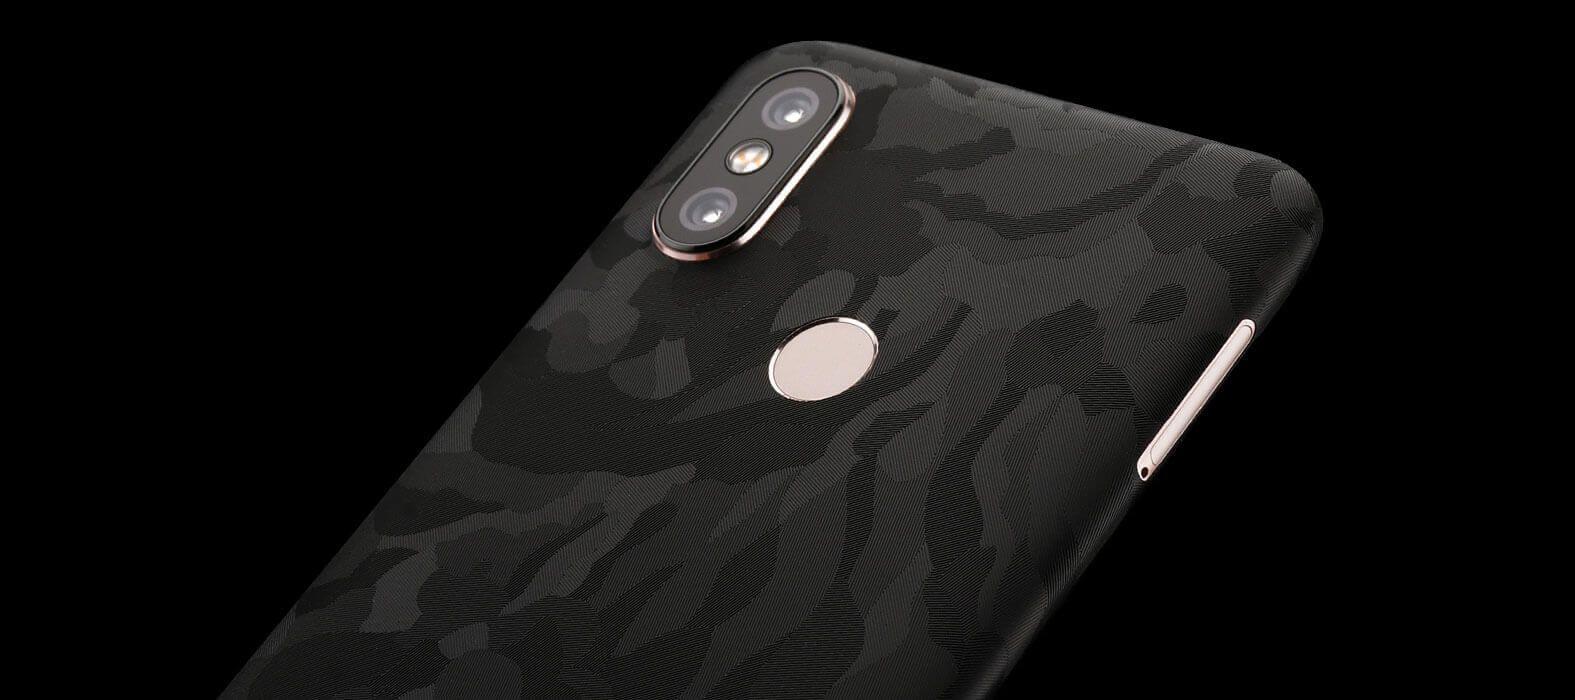 Xiaomi Mi A2 Black Camo Skin